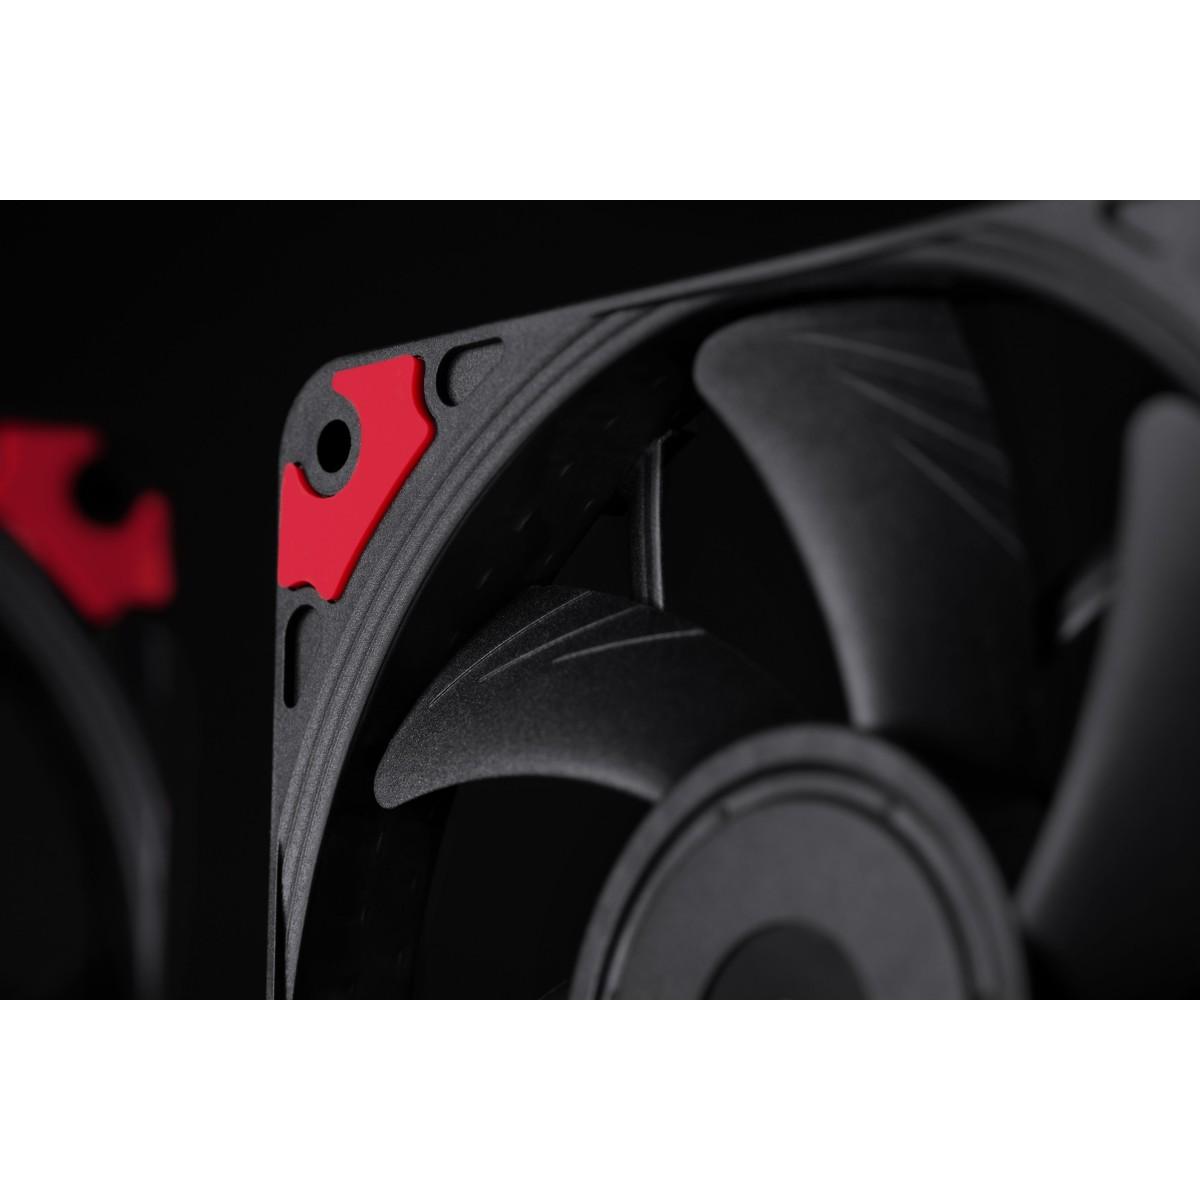 Cooler para Gabinete Noctua NF-A12x15 PWM chromax.black.swap, Black, 120mm, NF-A12x15 PWM chromax.black.swap